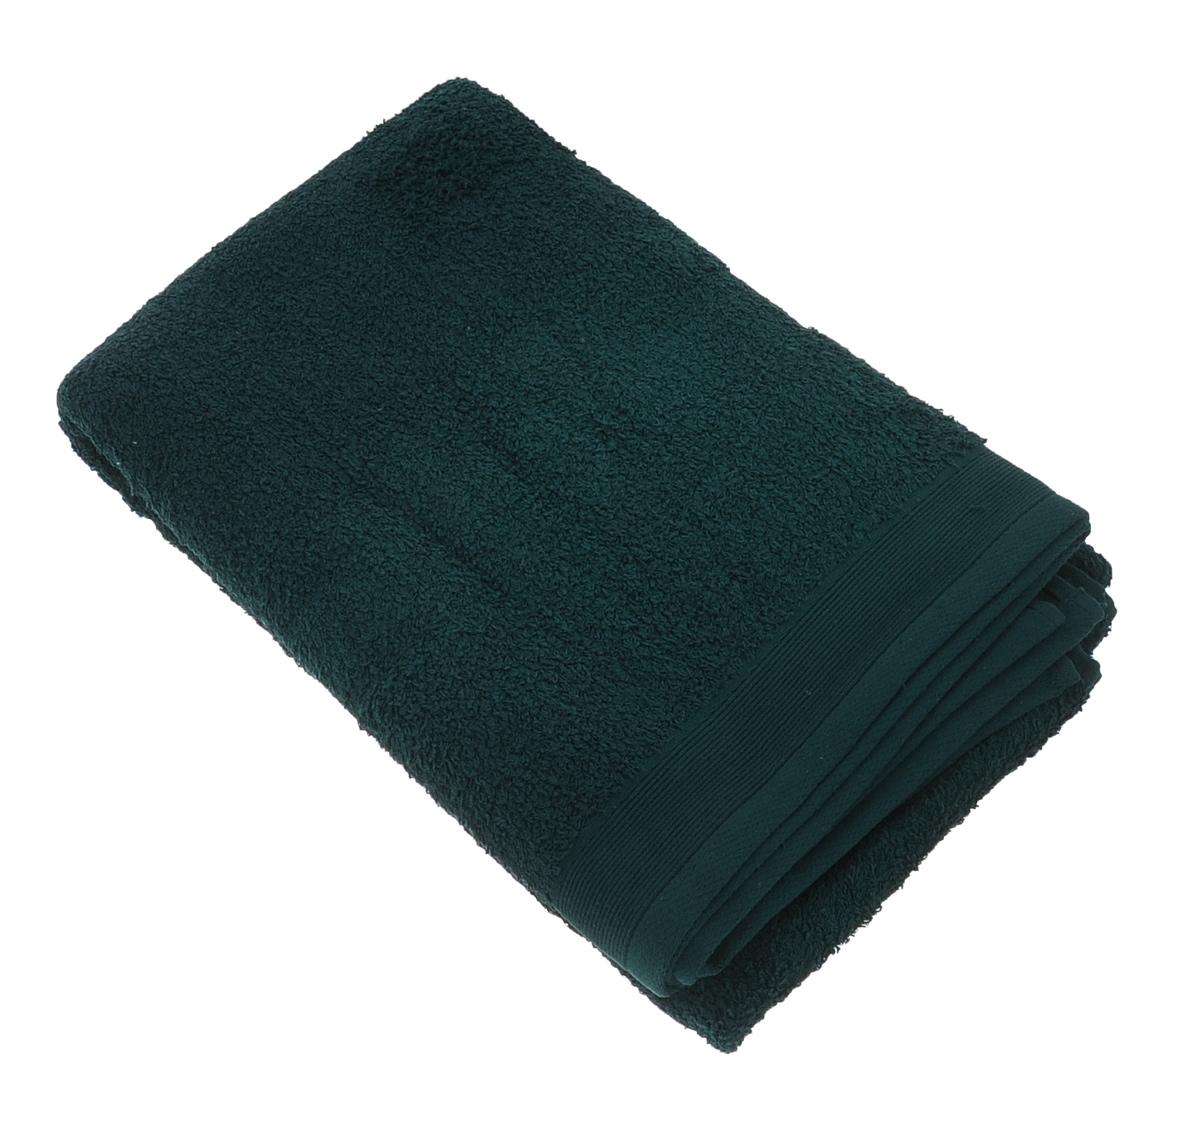 Полотенце махровое Guten Morgen, цвет: темно-зеленый, 100 х 150 см полотенце махровое guten morgen цвет темно голубой 50 см х 100 см